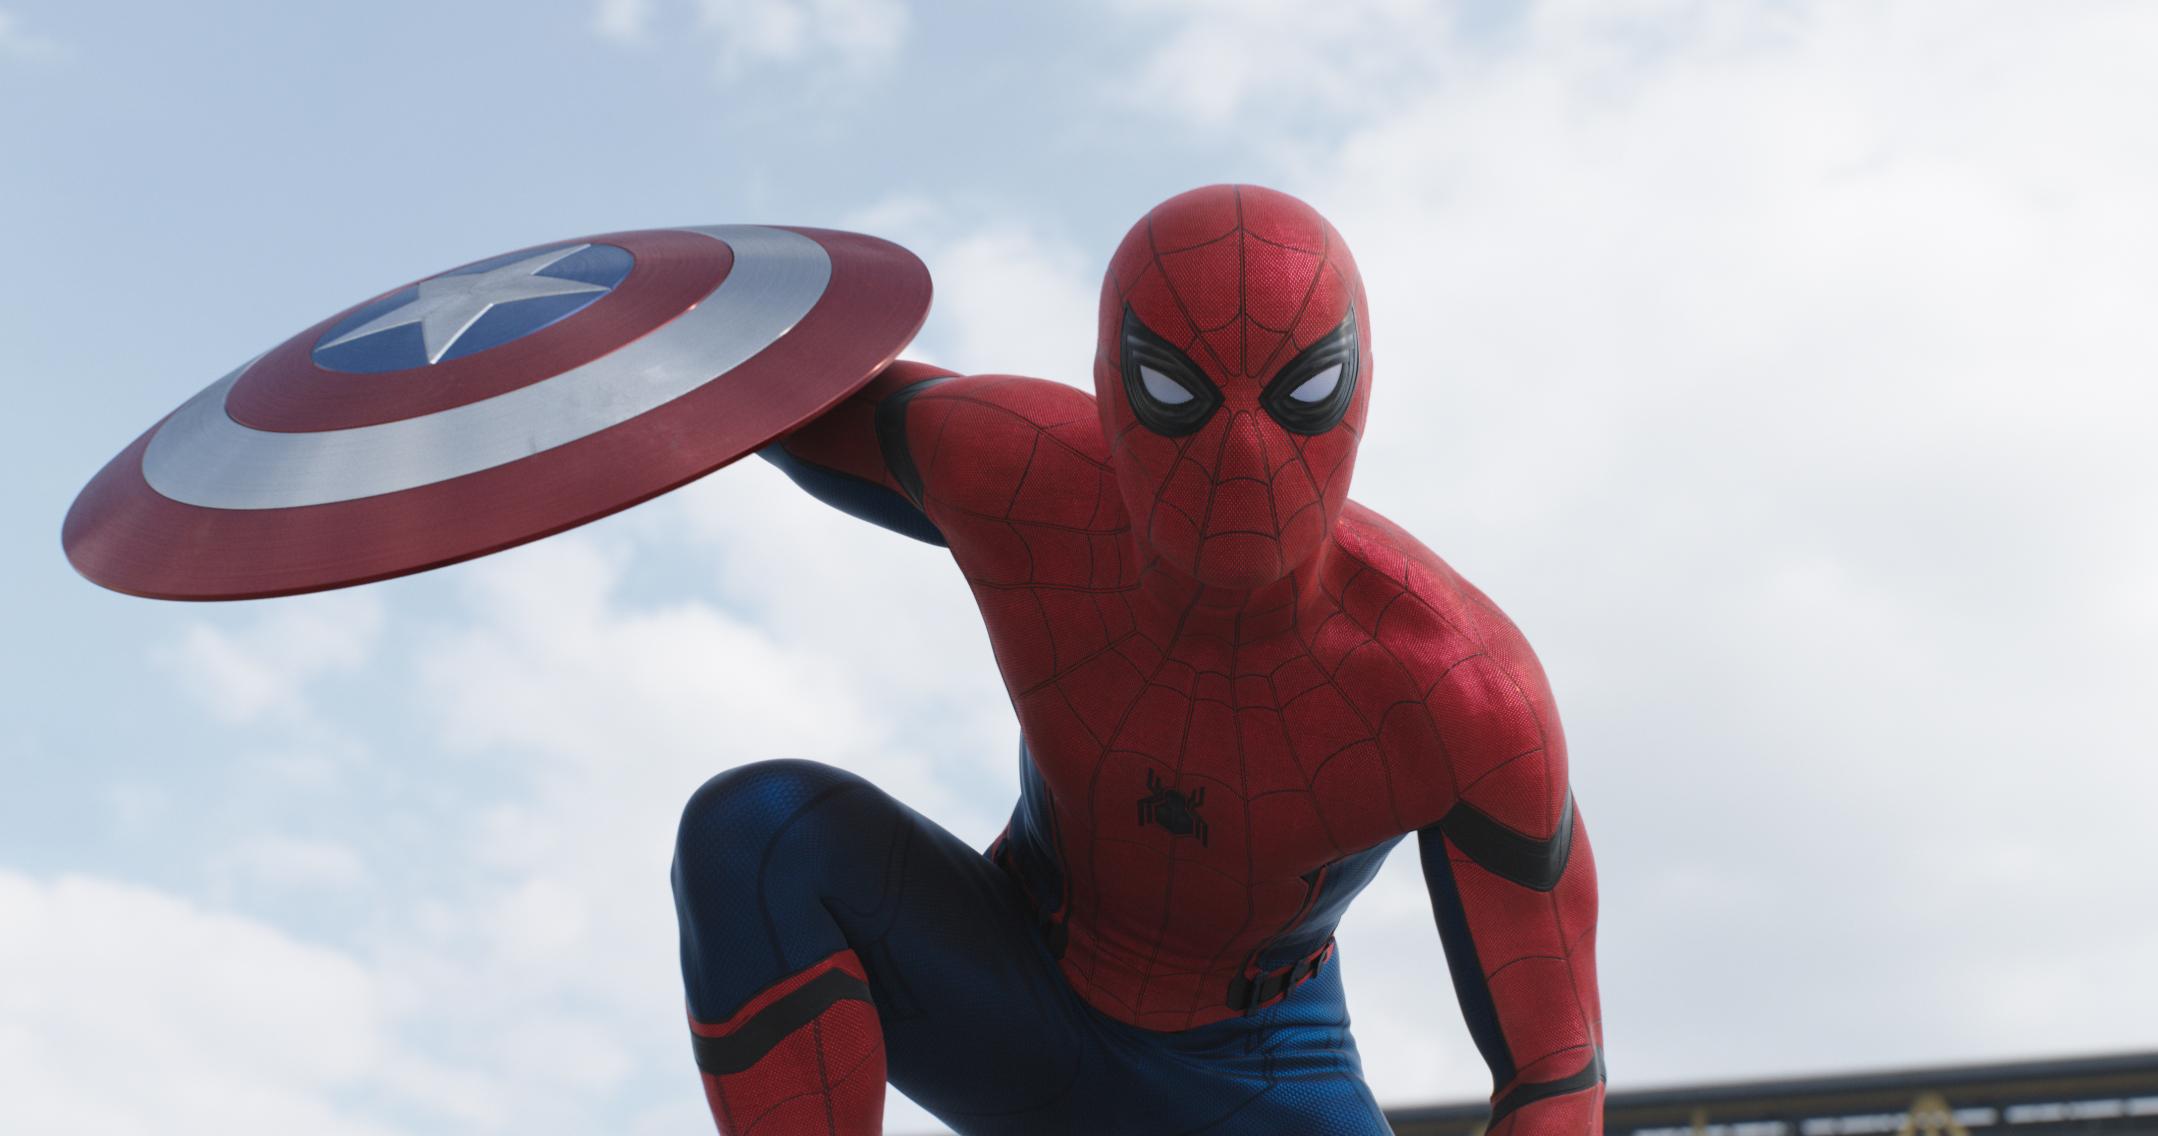 Captain-America-Civil-War-Spiderman-still-2.jpg